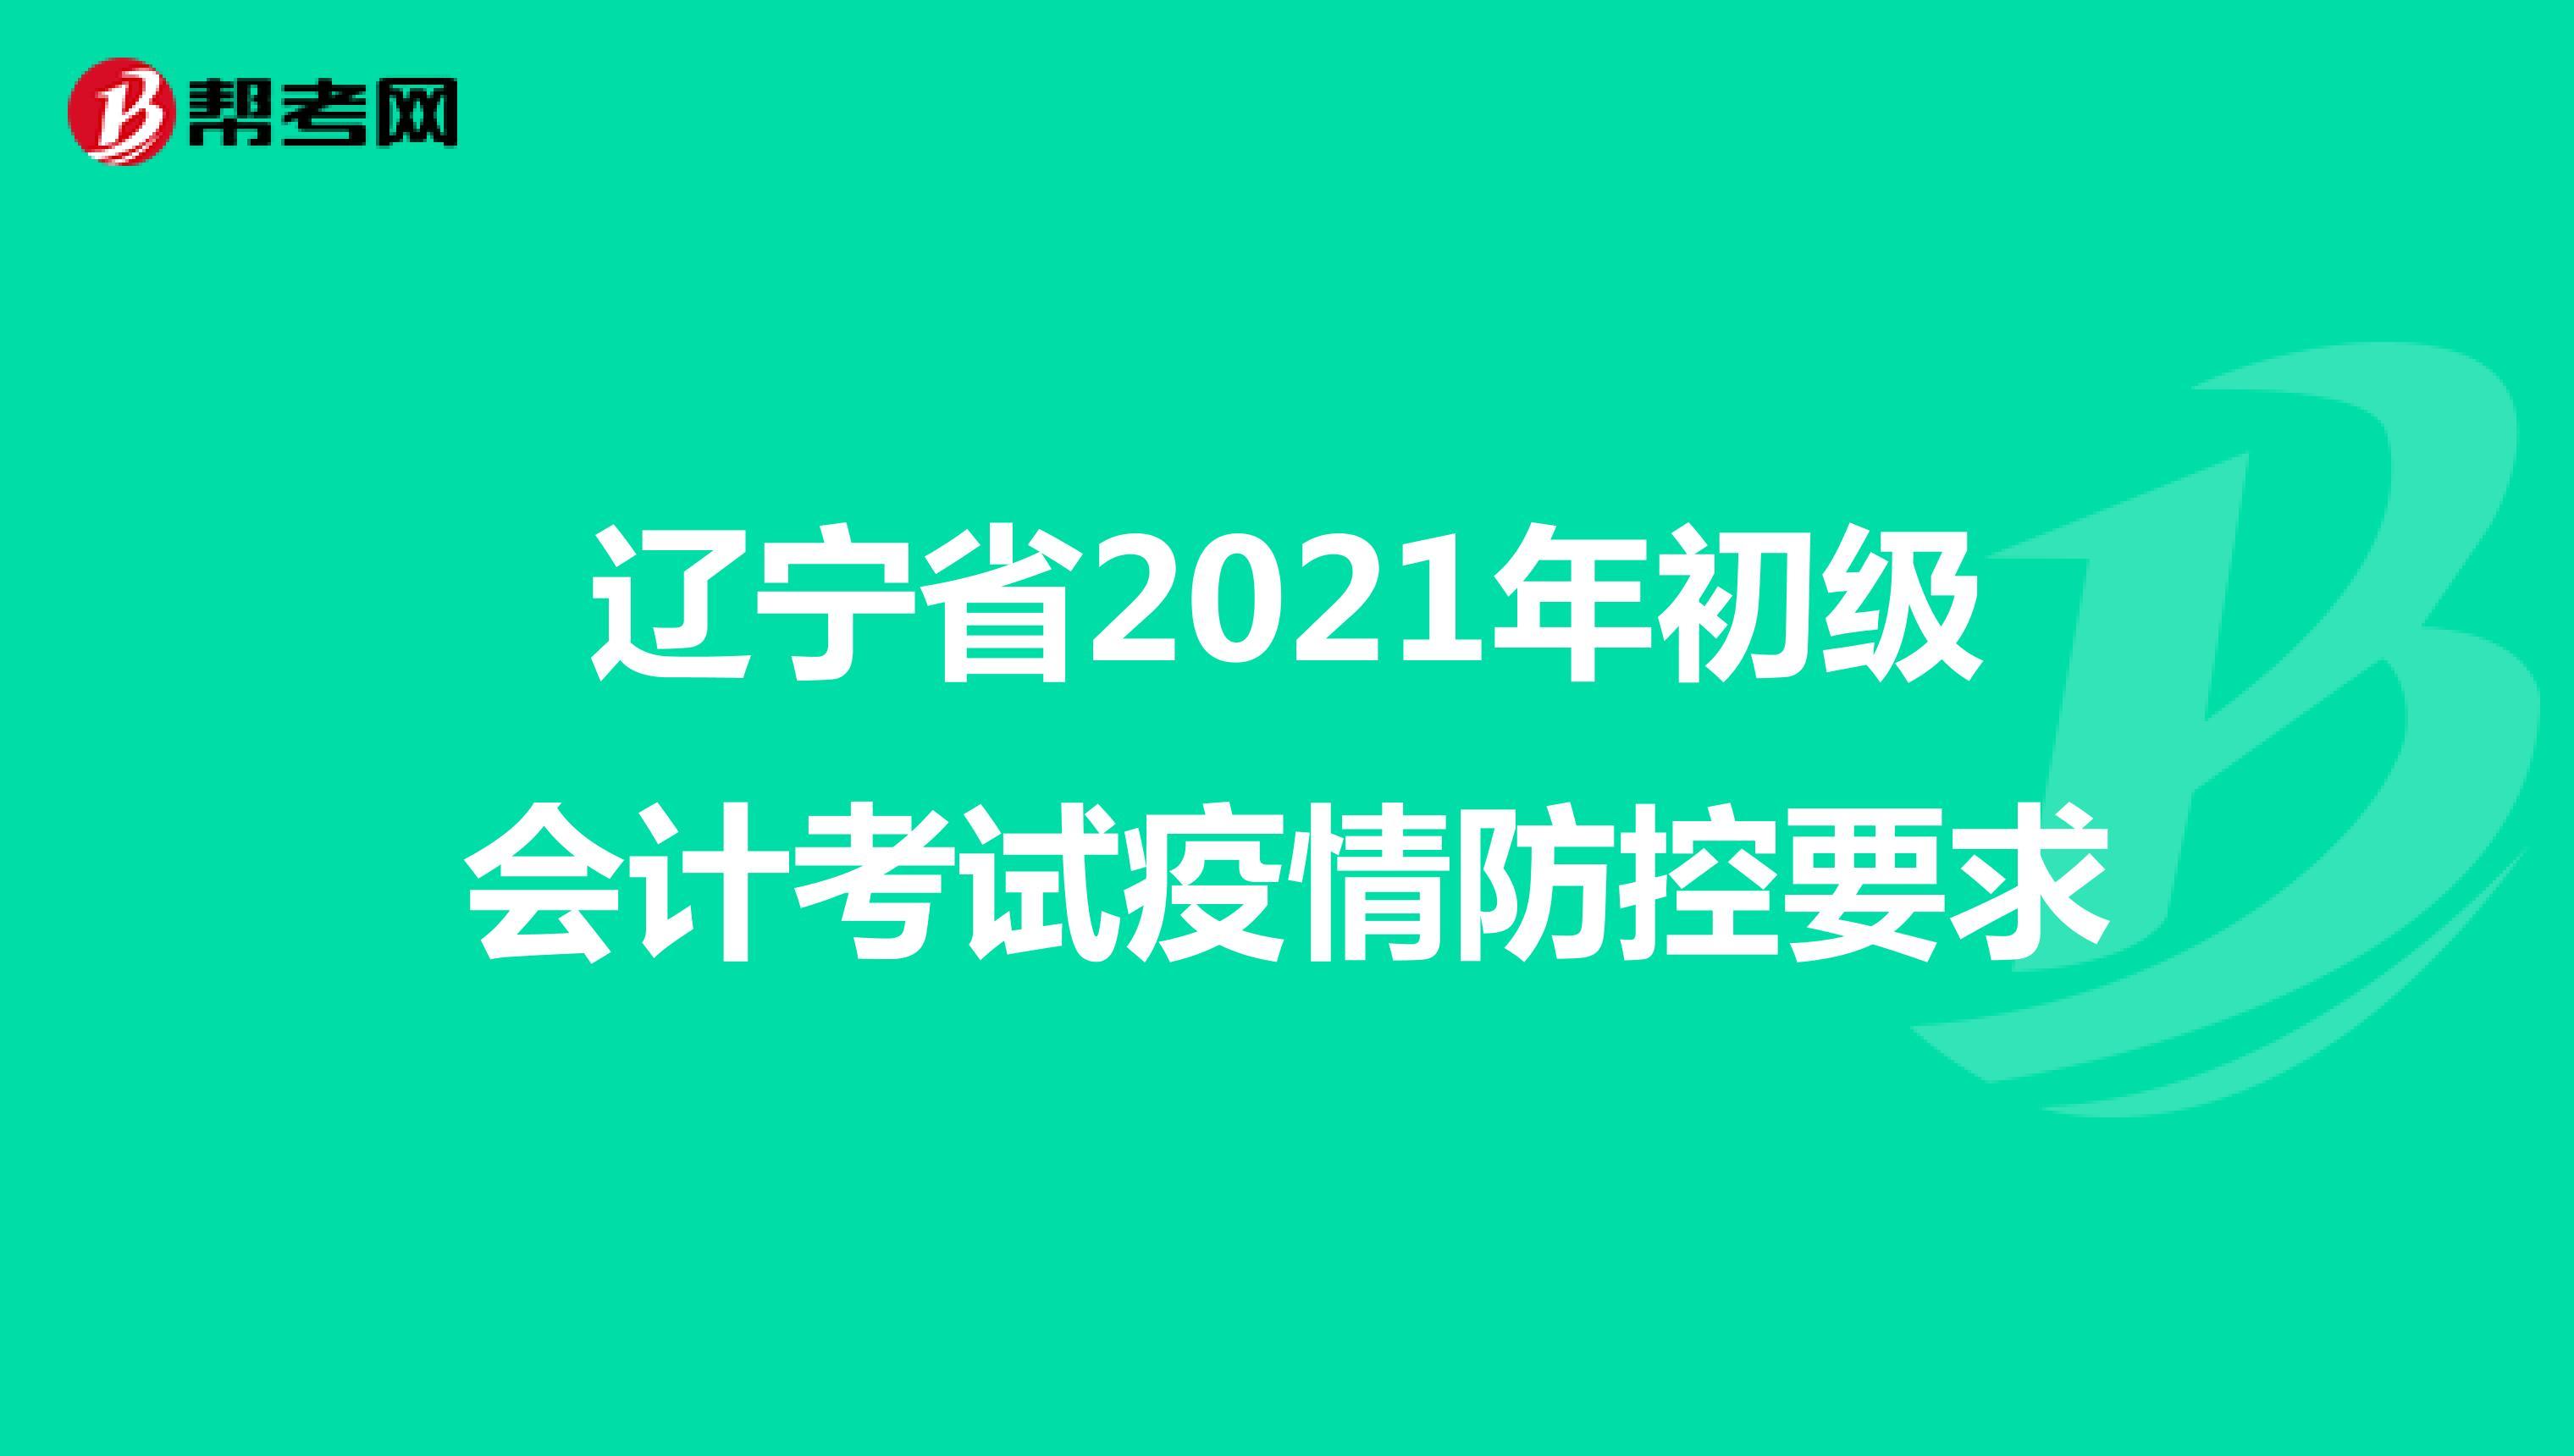 辽宁省2021年初级会计考试疫情防控要求